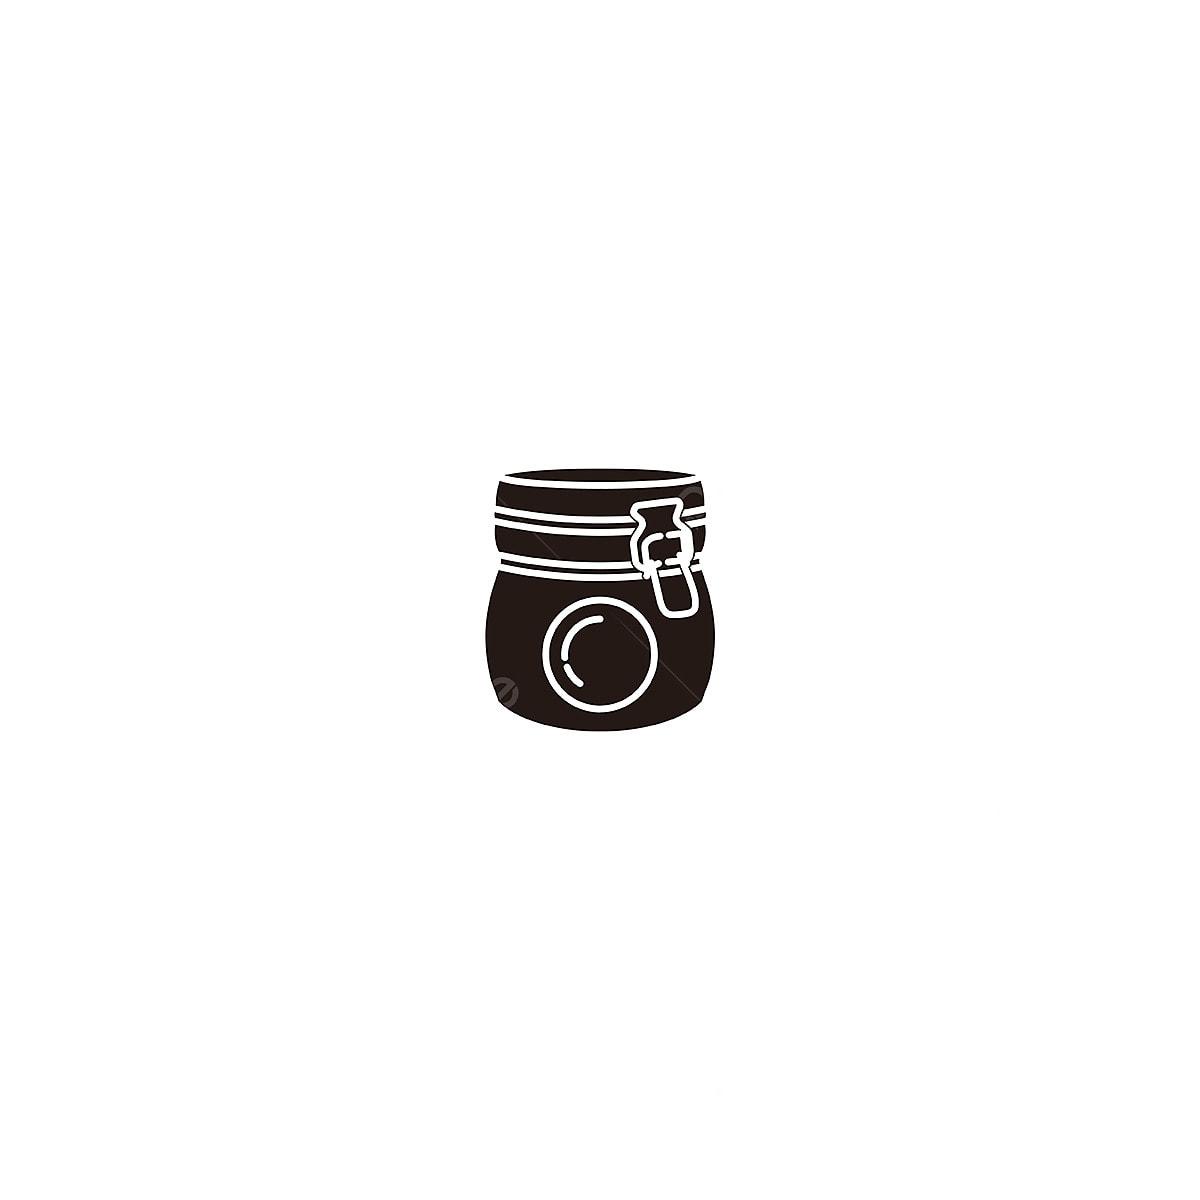 pngtree jar camera logo designs inspiration vector illustration png image 5045120